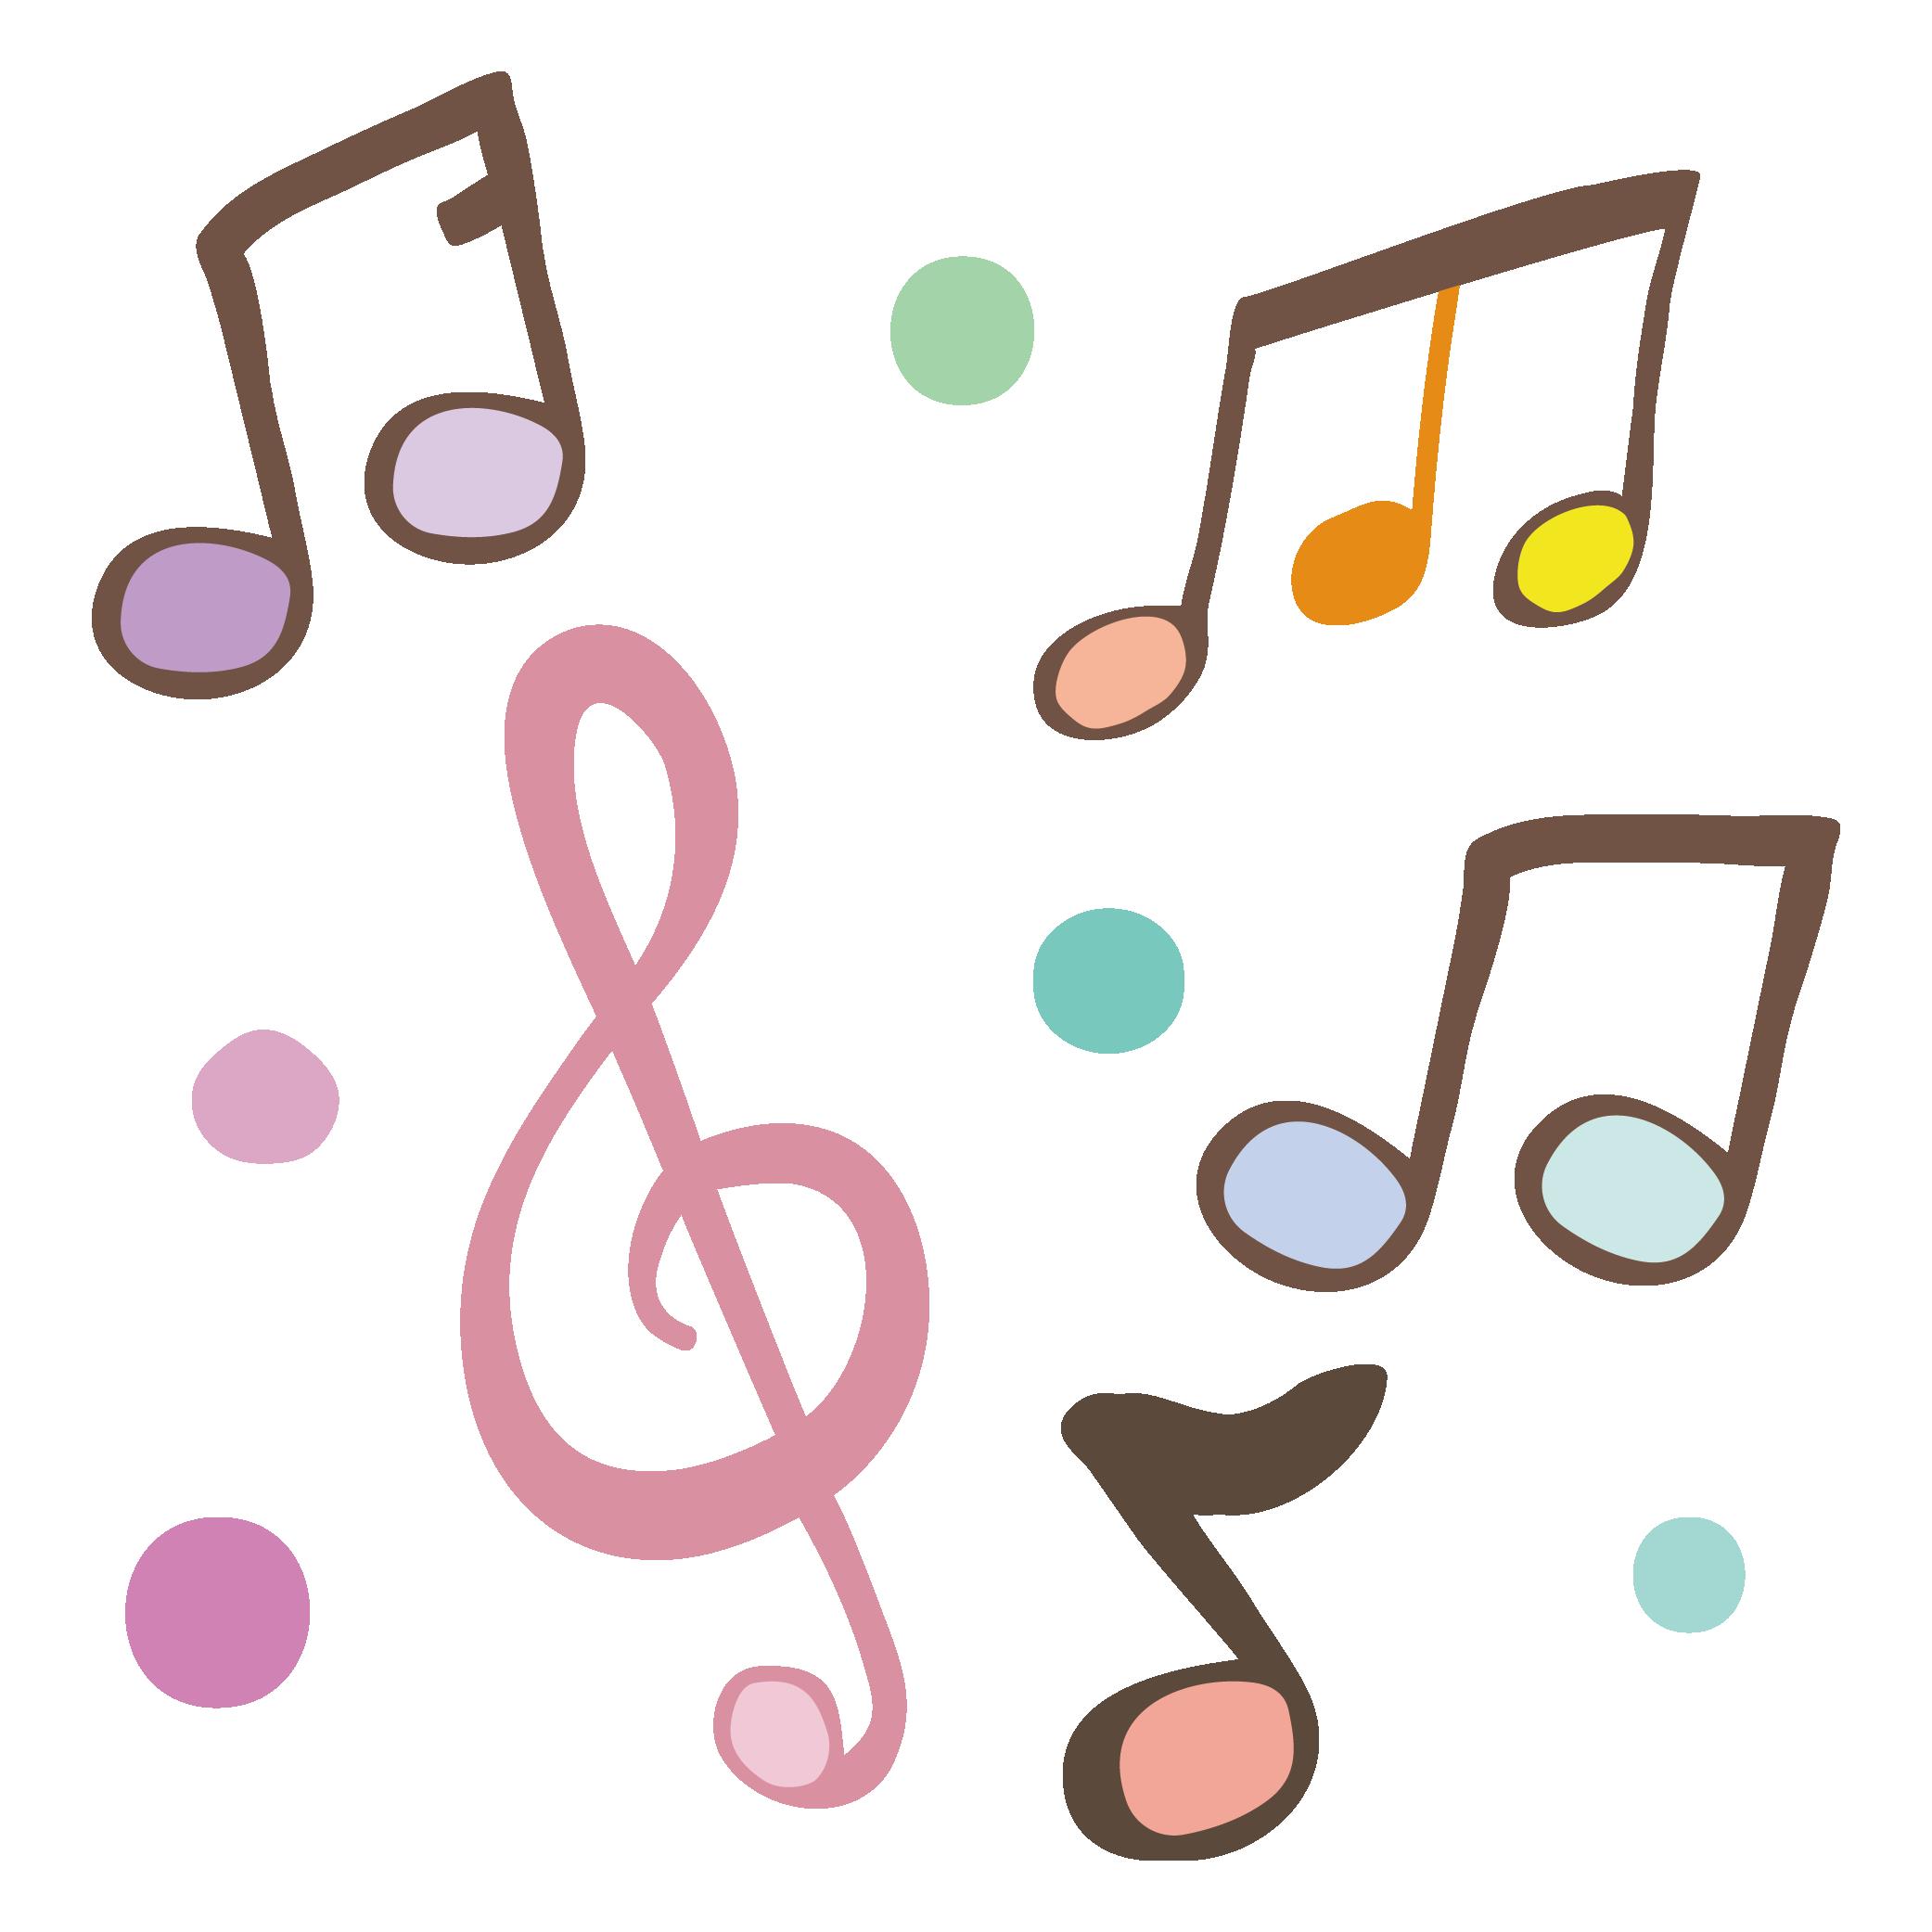 かわいい音符のイラスト